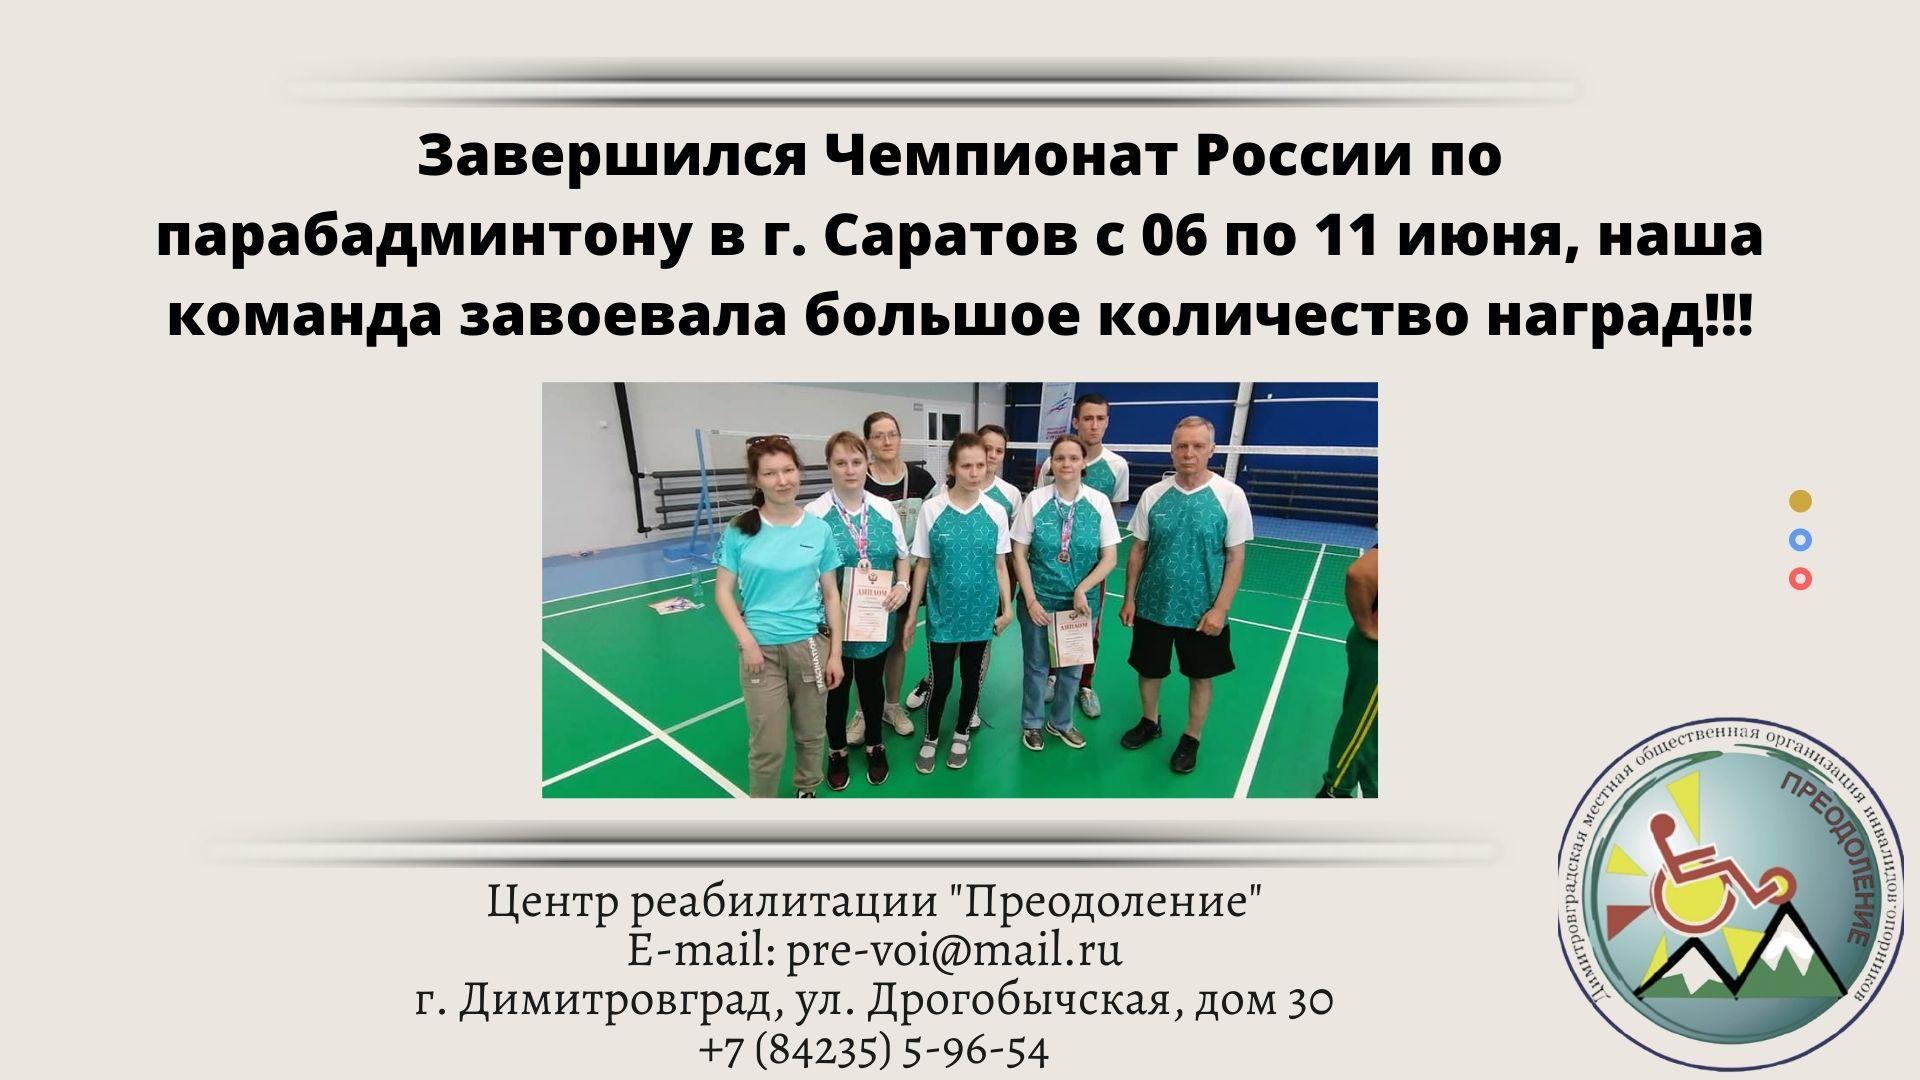 Завершился Чемпионат России по парабадминтону в г. Саратов с 06 по 11 июня, где принимала участие команда Ульяновской области и завоевала большое количество наград!!!